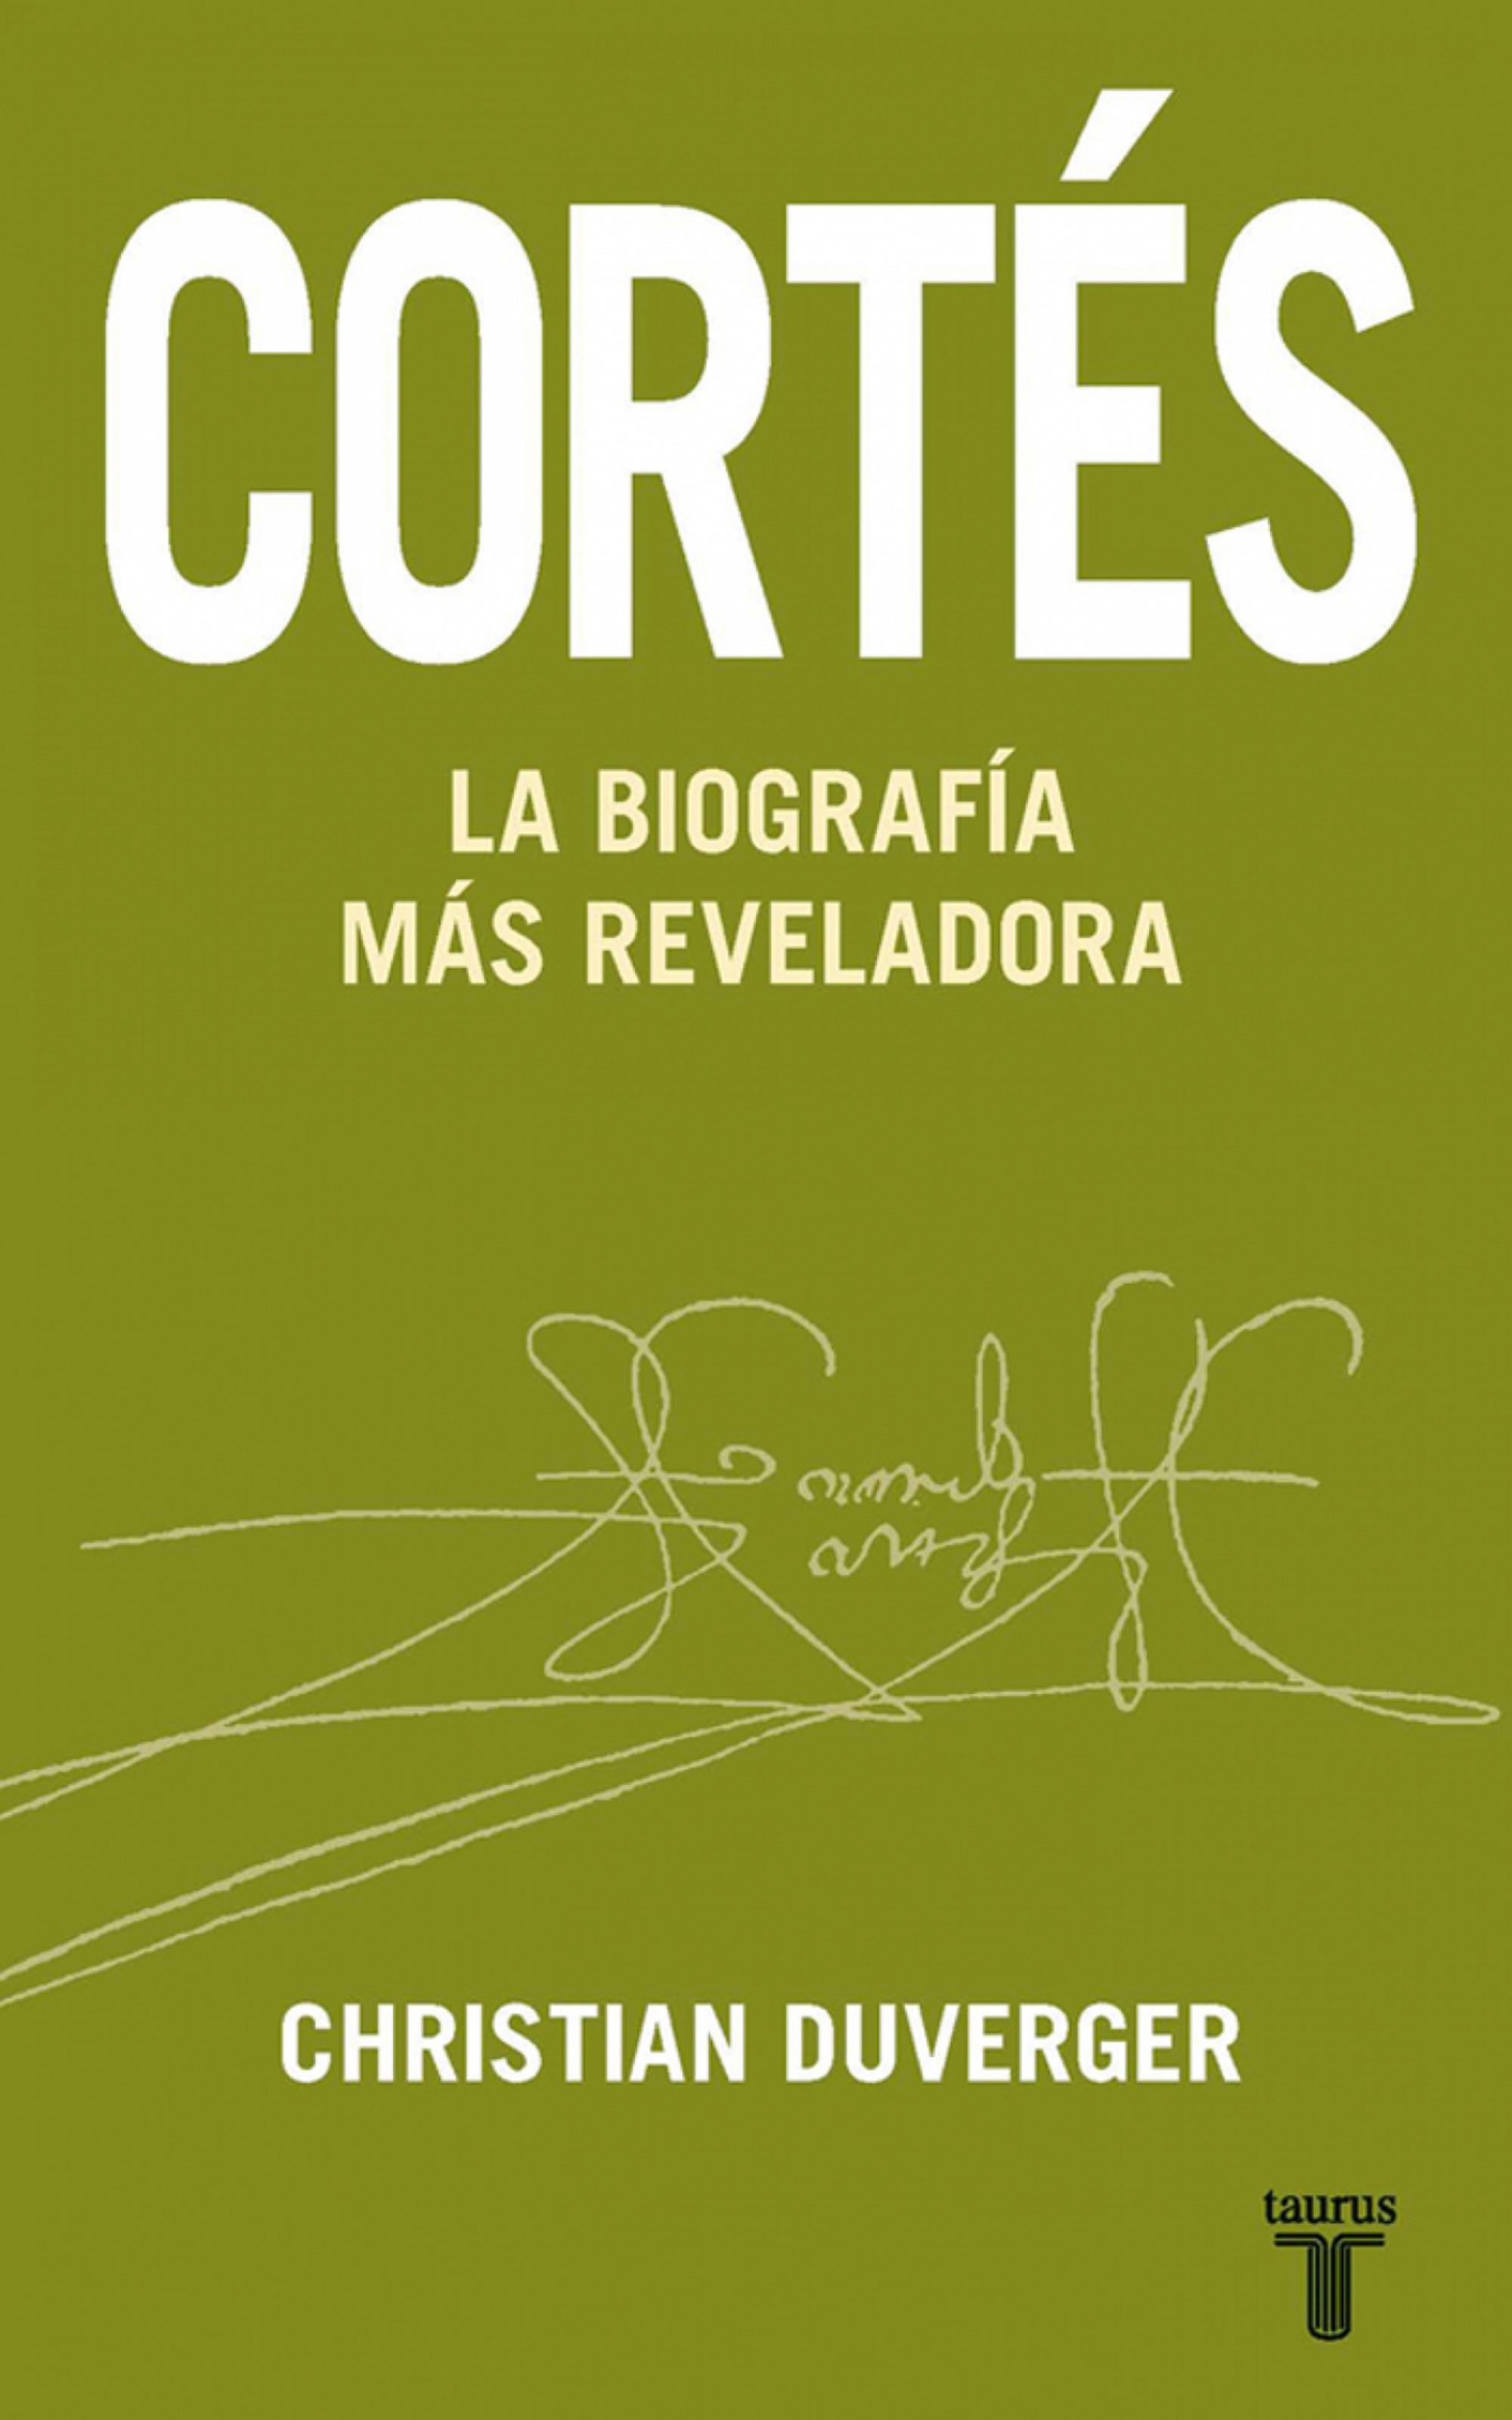 Cortés. La biografía más reveladora